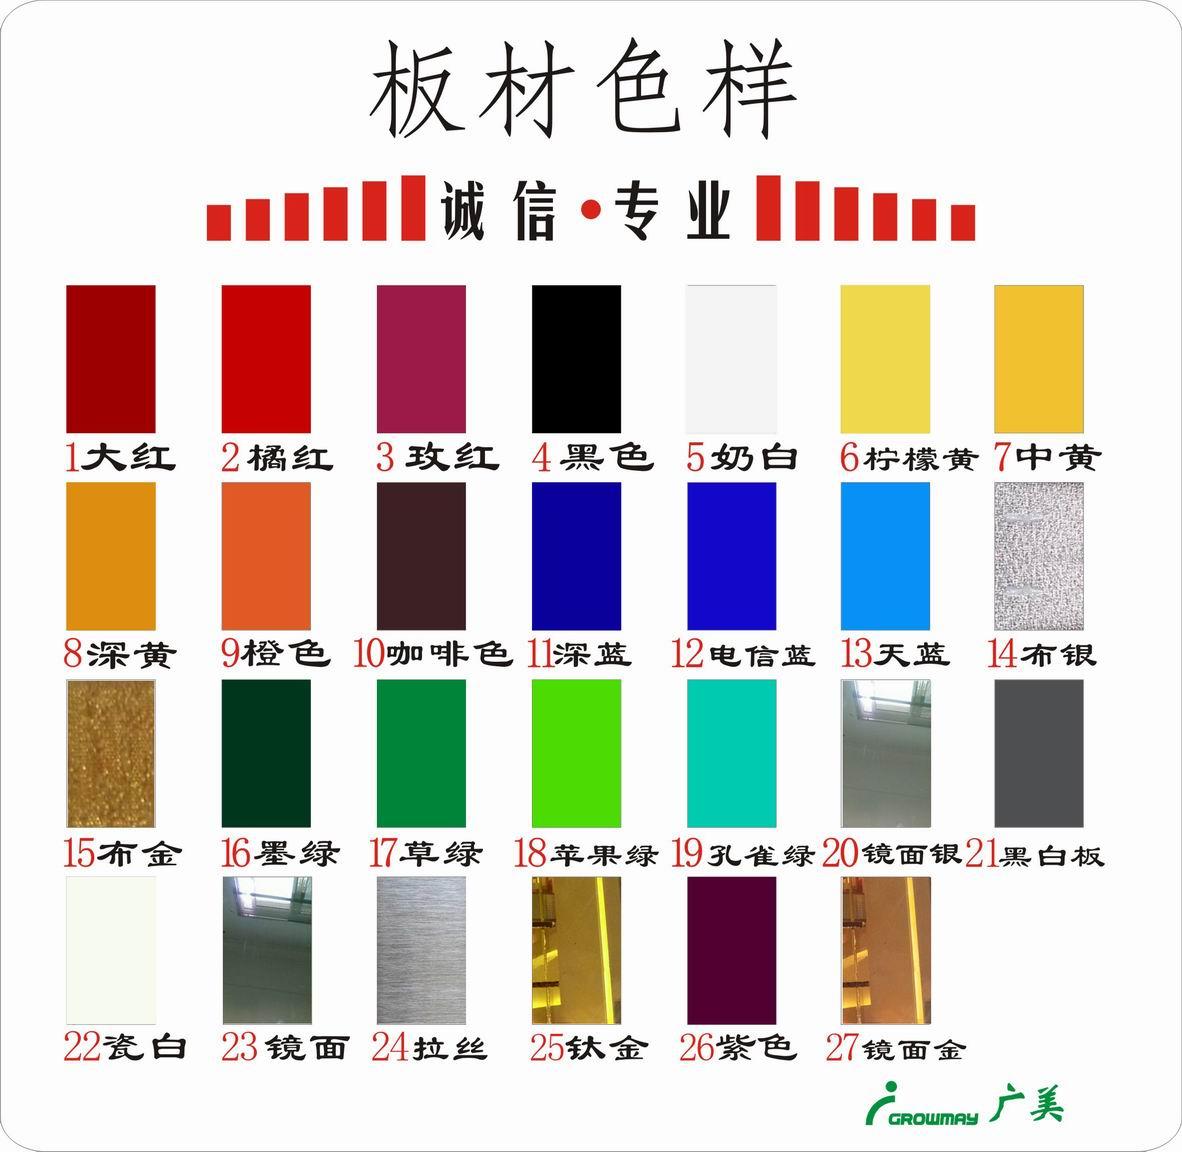 广美色卡及常用标识颜色分析